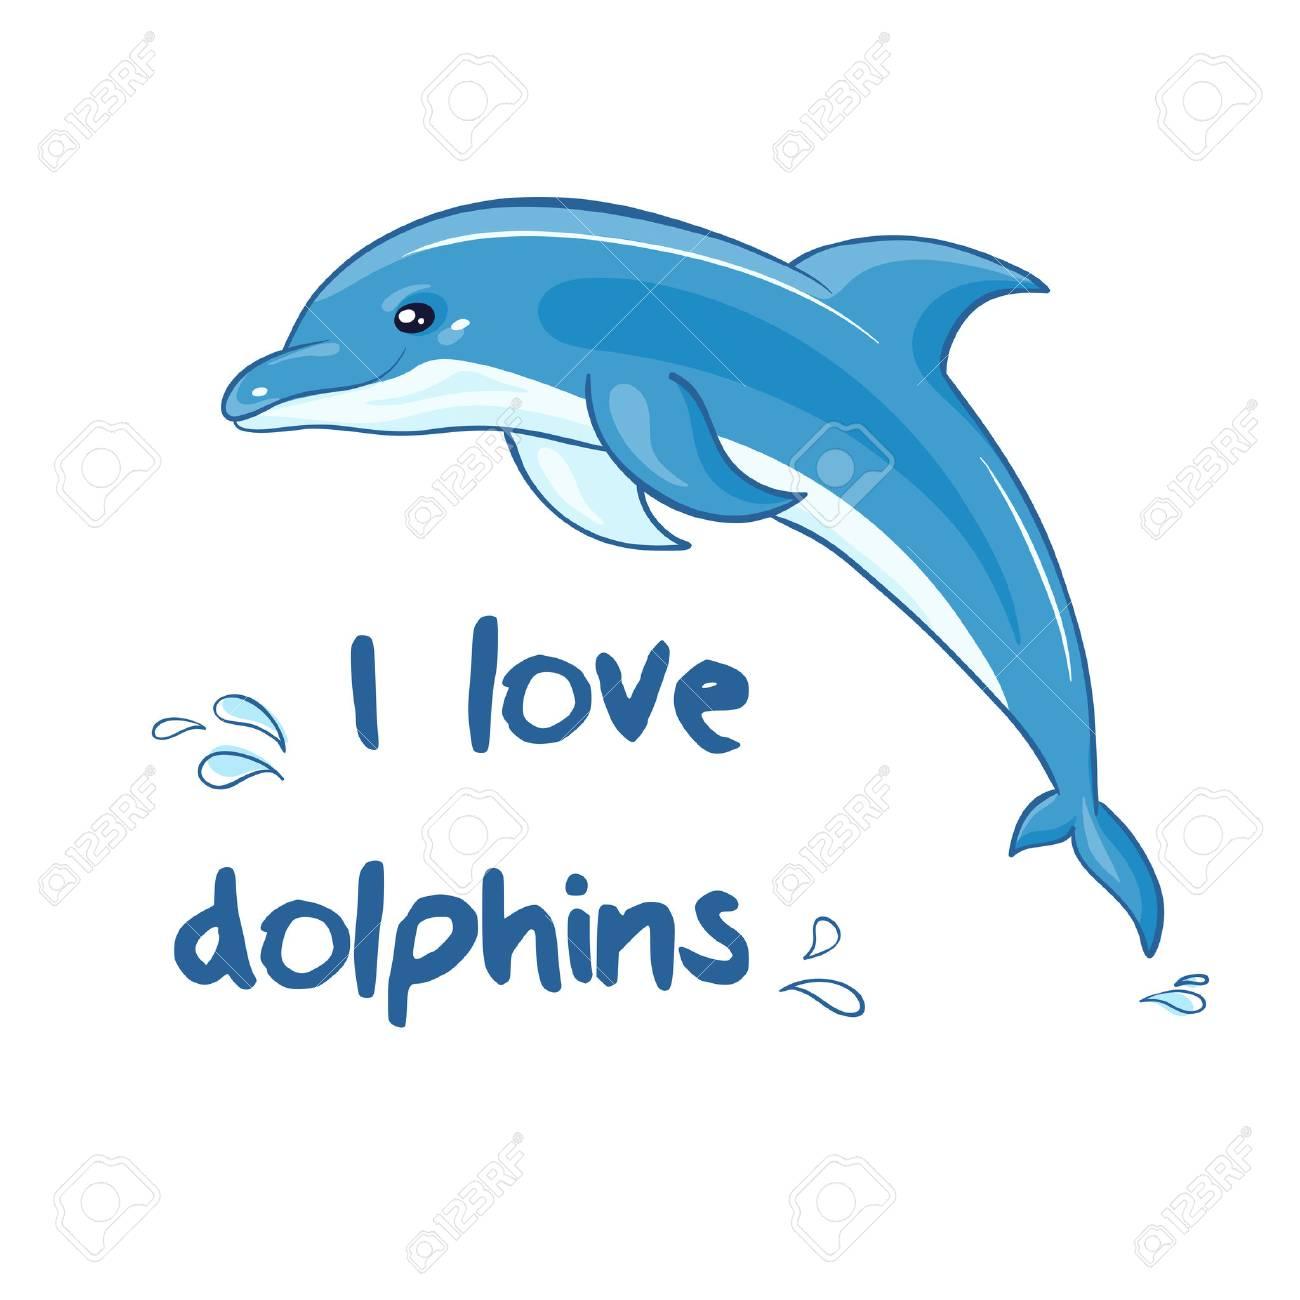 dolphin cartoon stock photos royalty free dolphin cartoon images rh 123rf com dolphin cartoon pictures dolphin cartoon pic